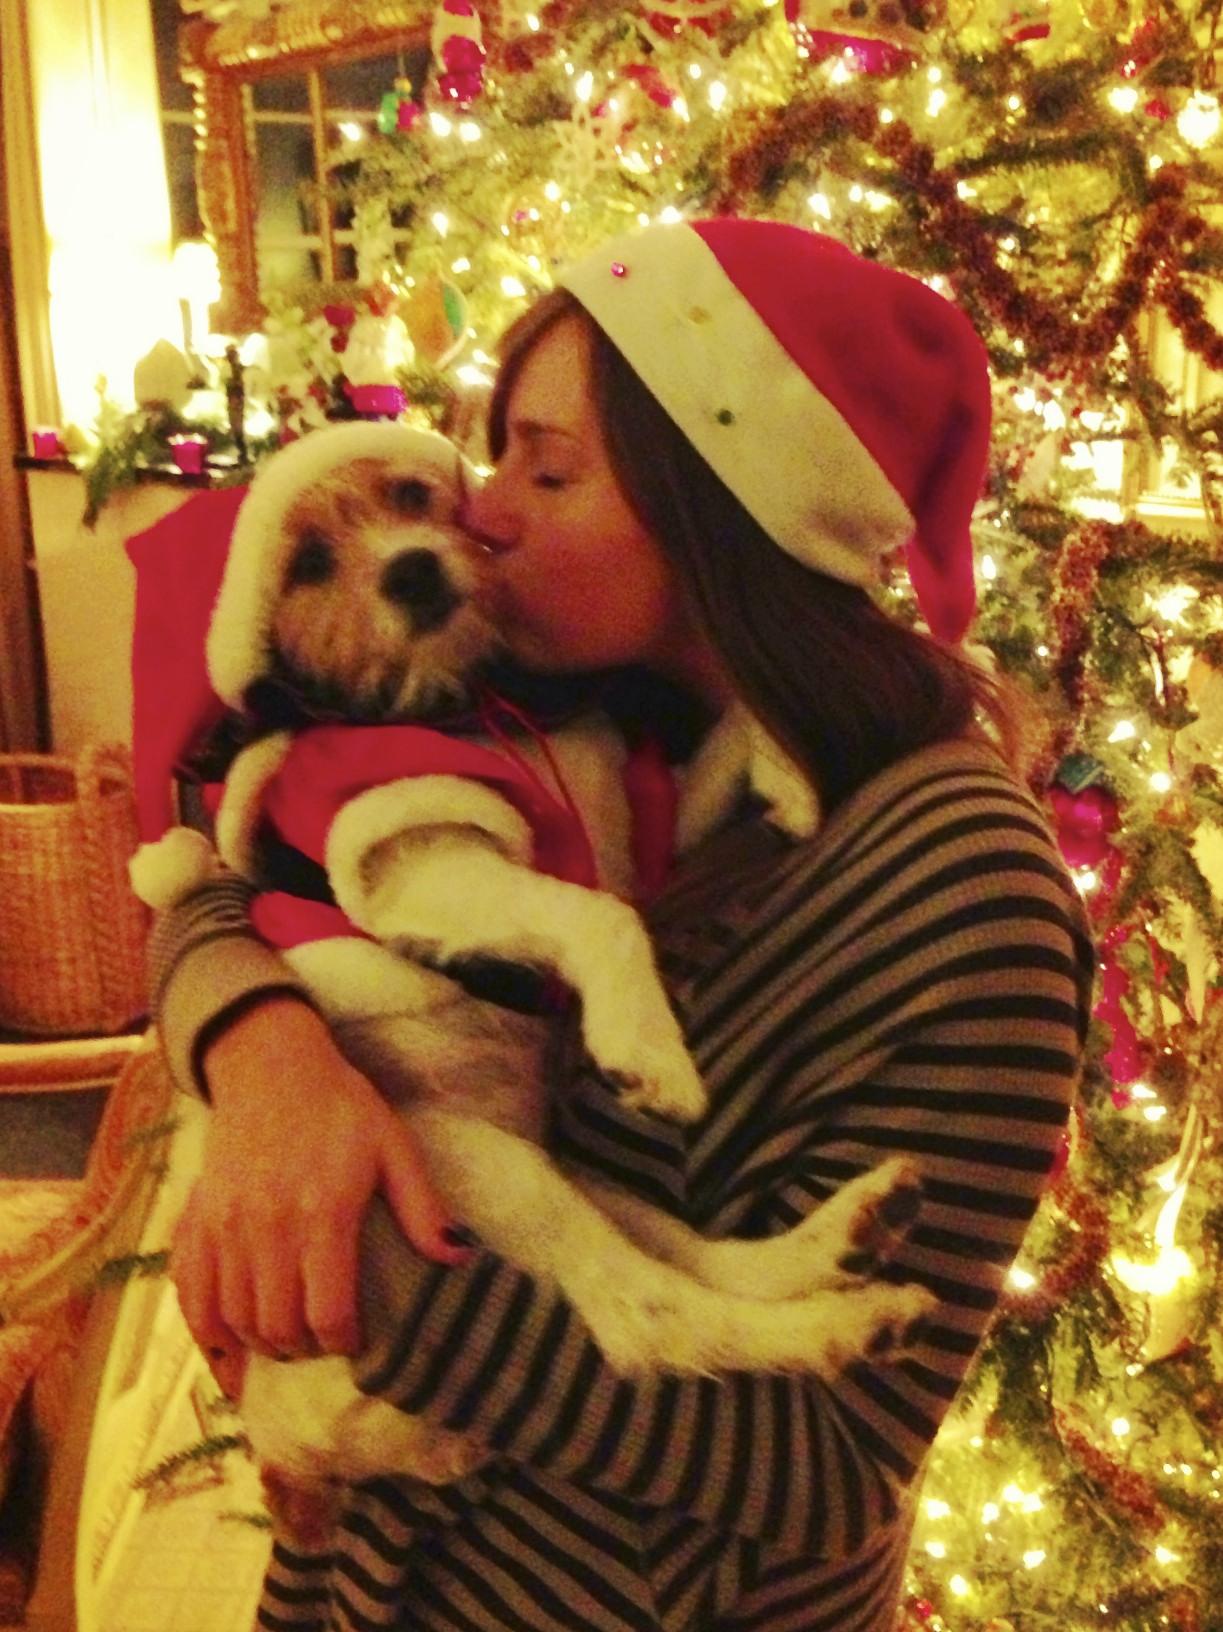 Jack Russell terrier in Santa suit